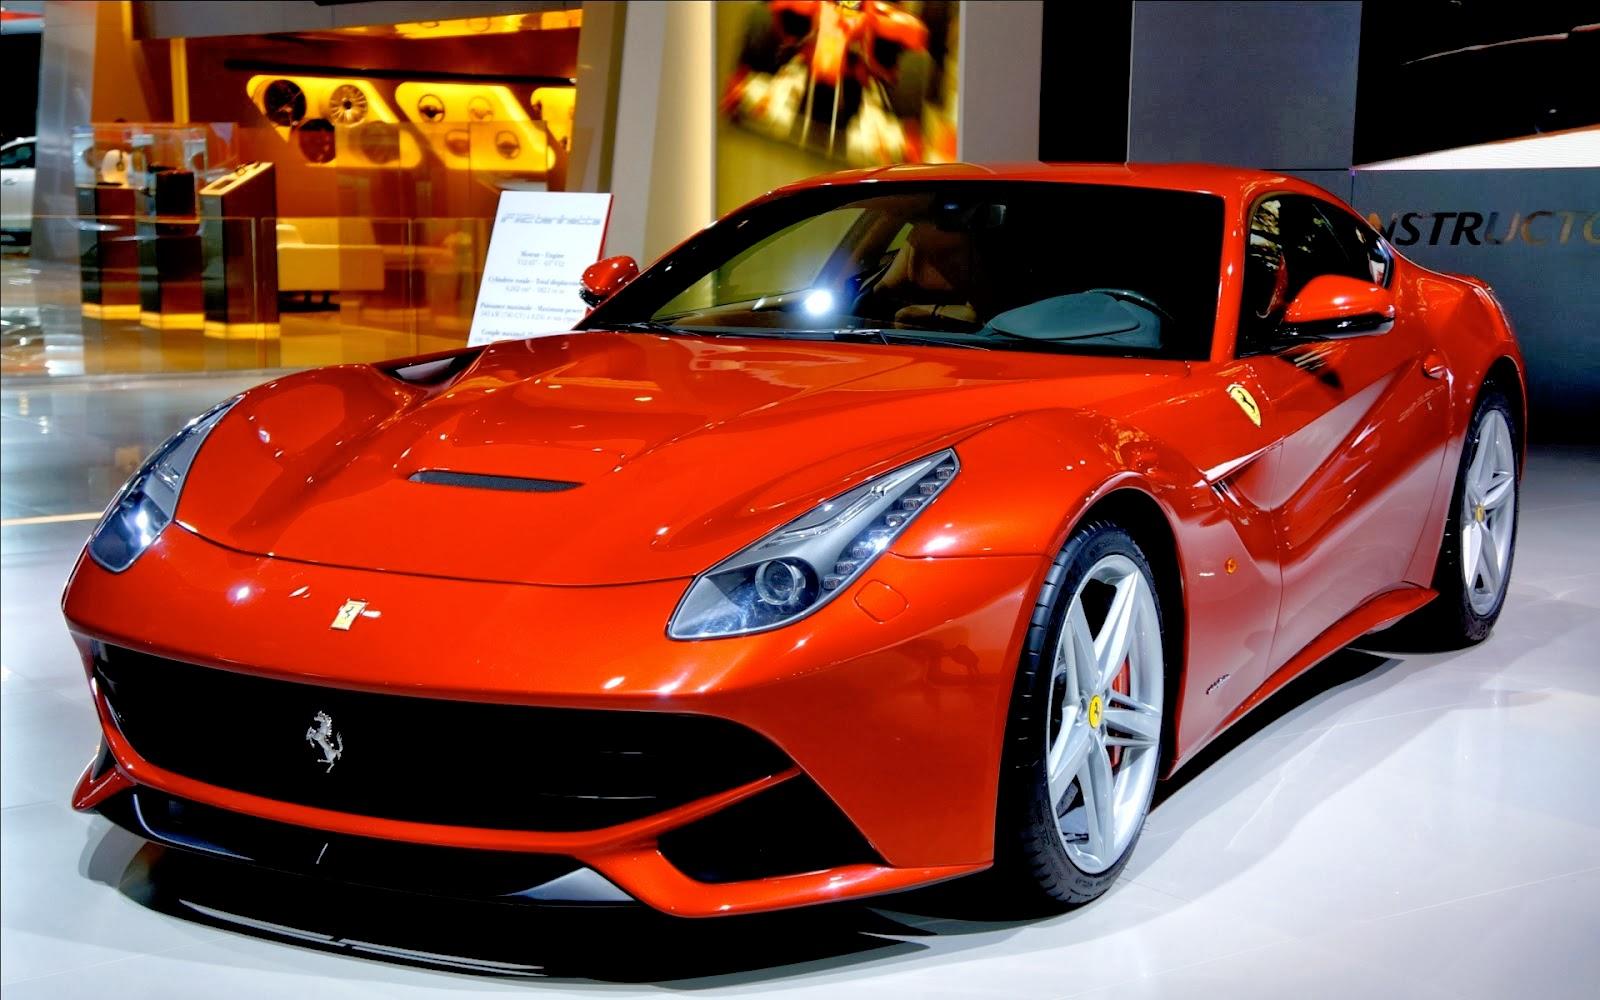 All Hot Informations: Download Ferrari F12 Berlinetta HD